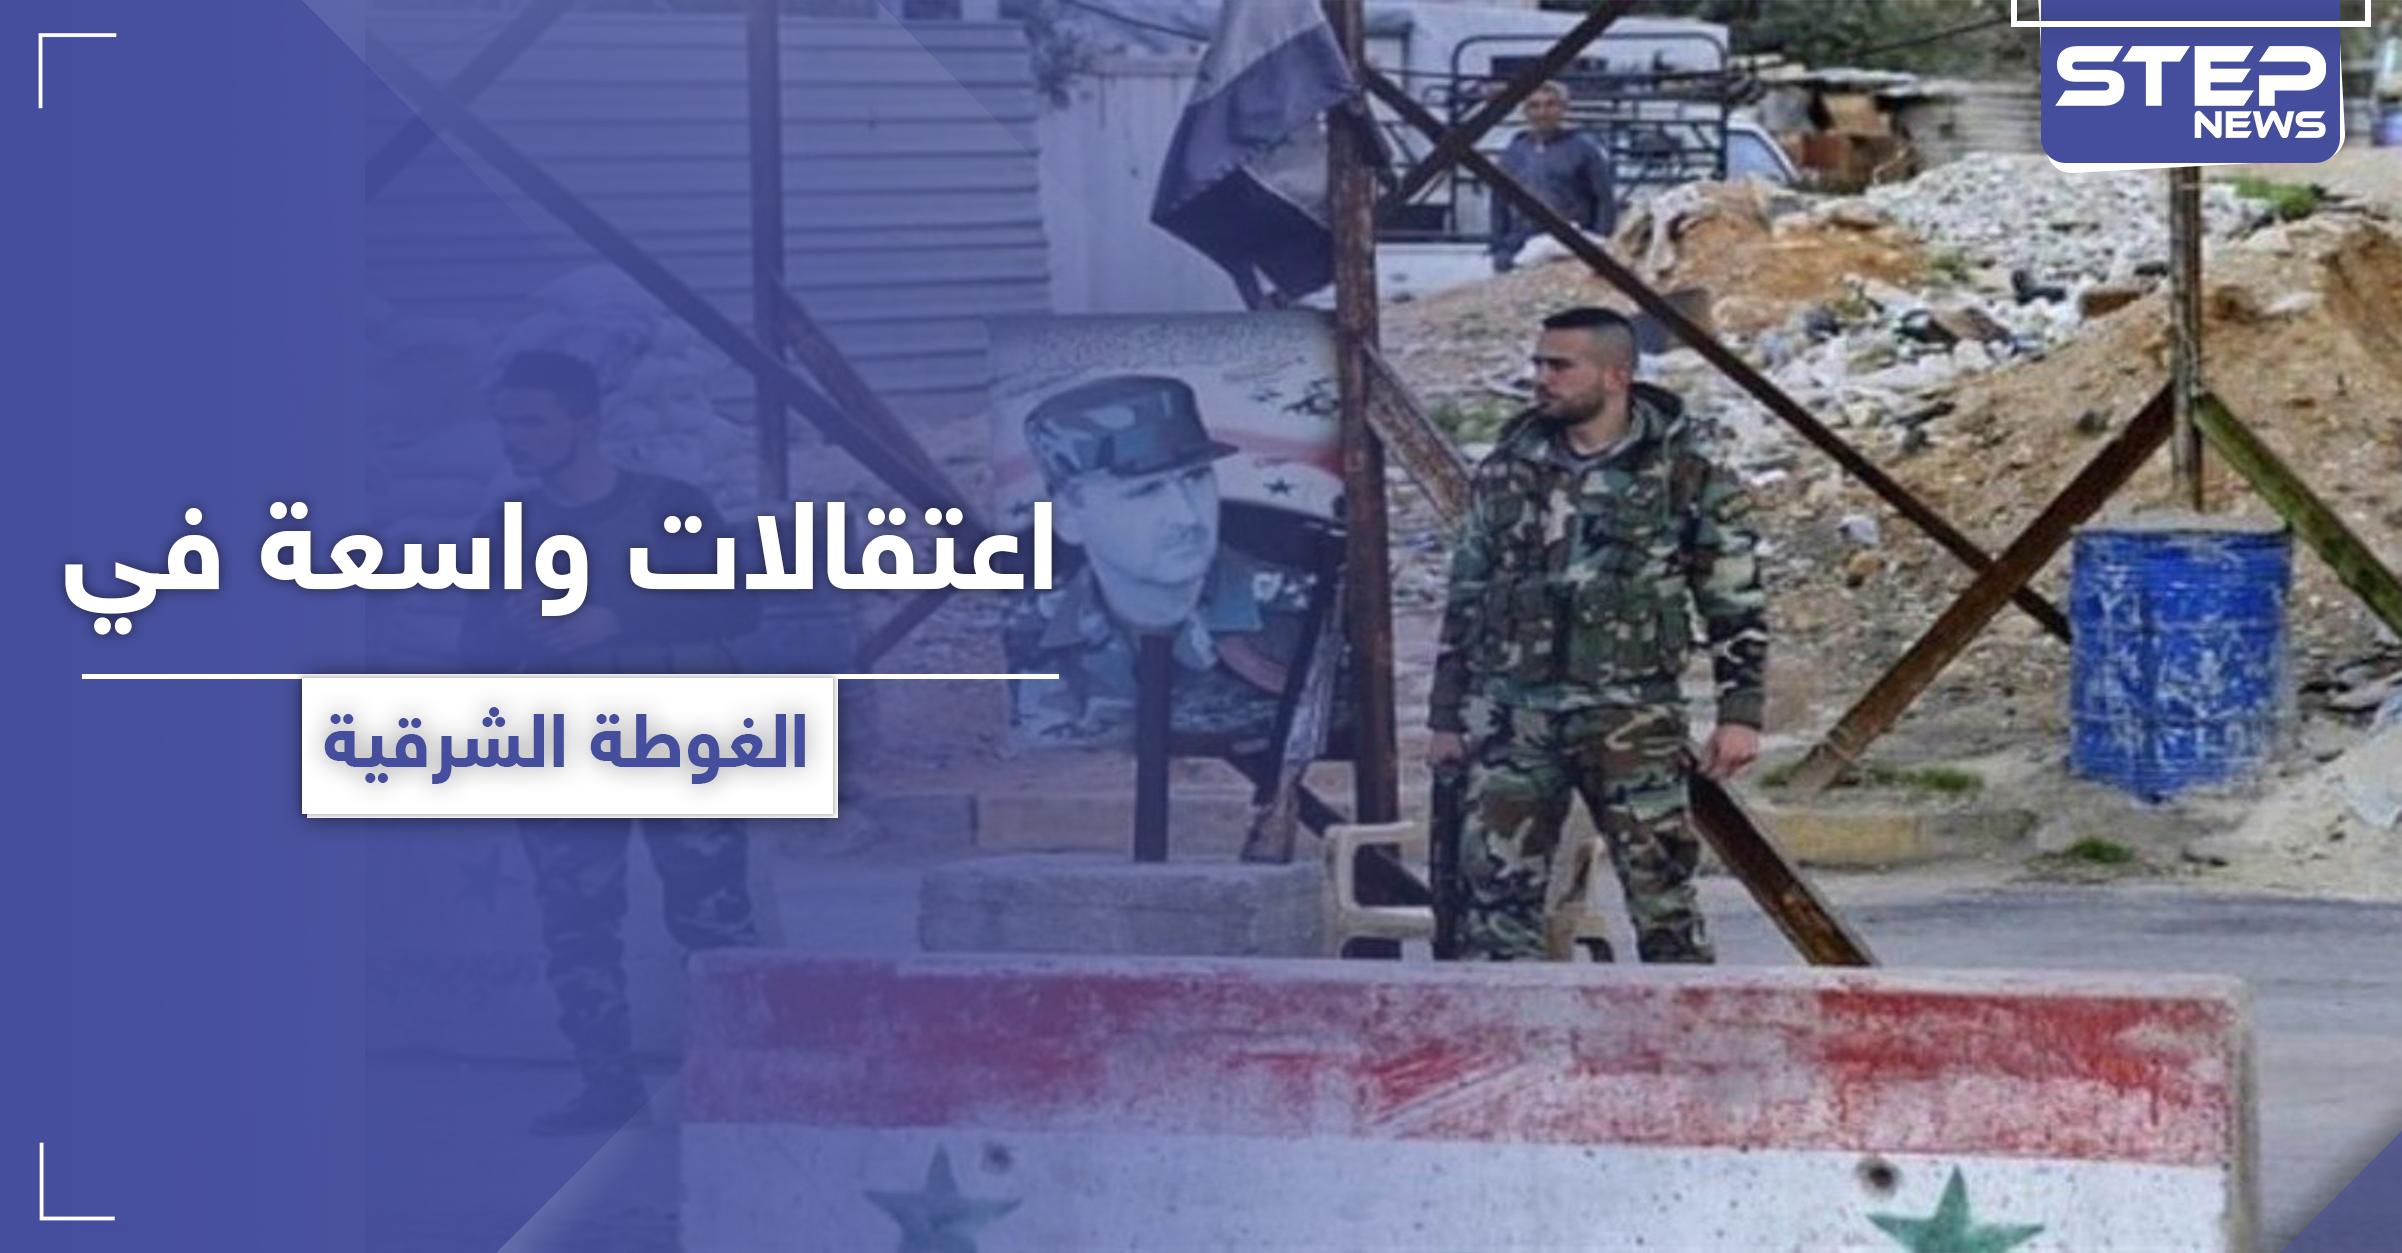 في خرق واضح للتسوية.. مخابرات النظام السوري تعتقل العشرات في الغوطة